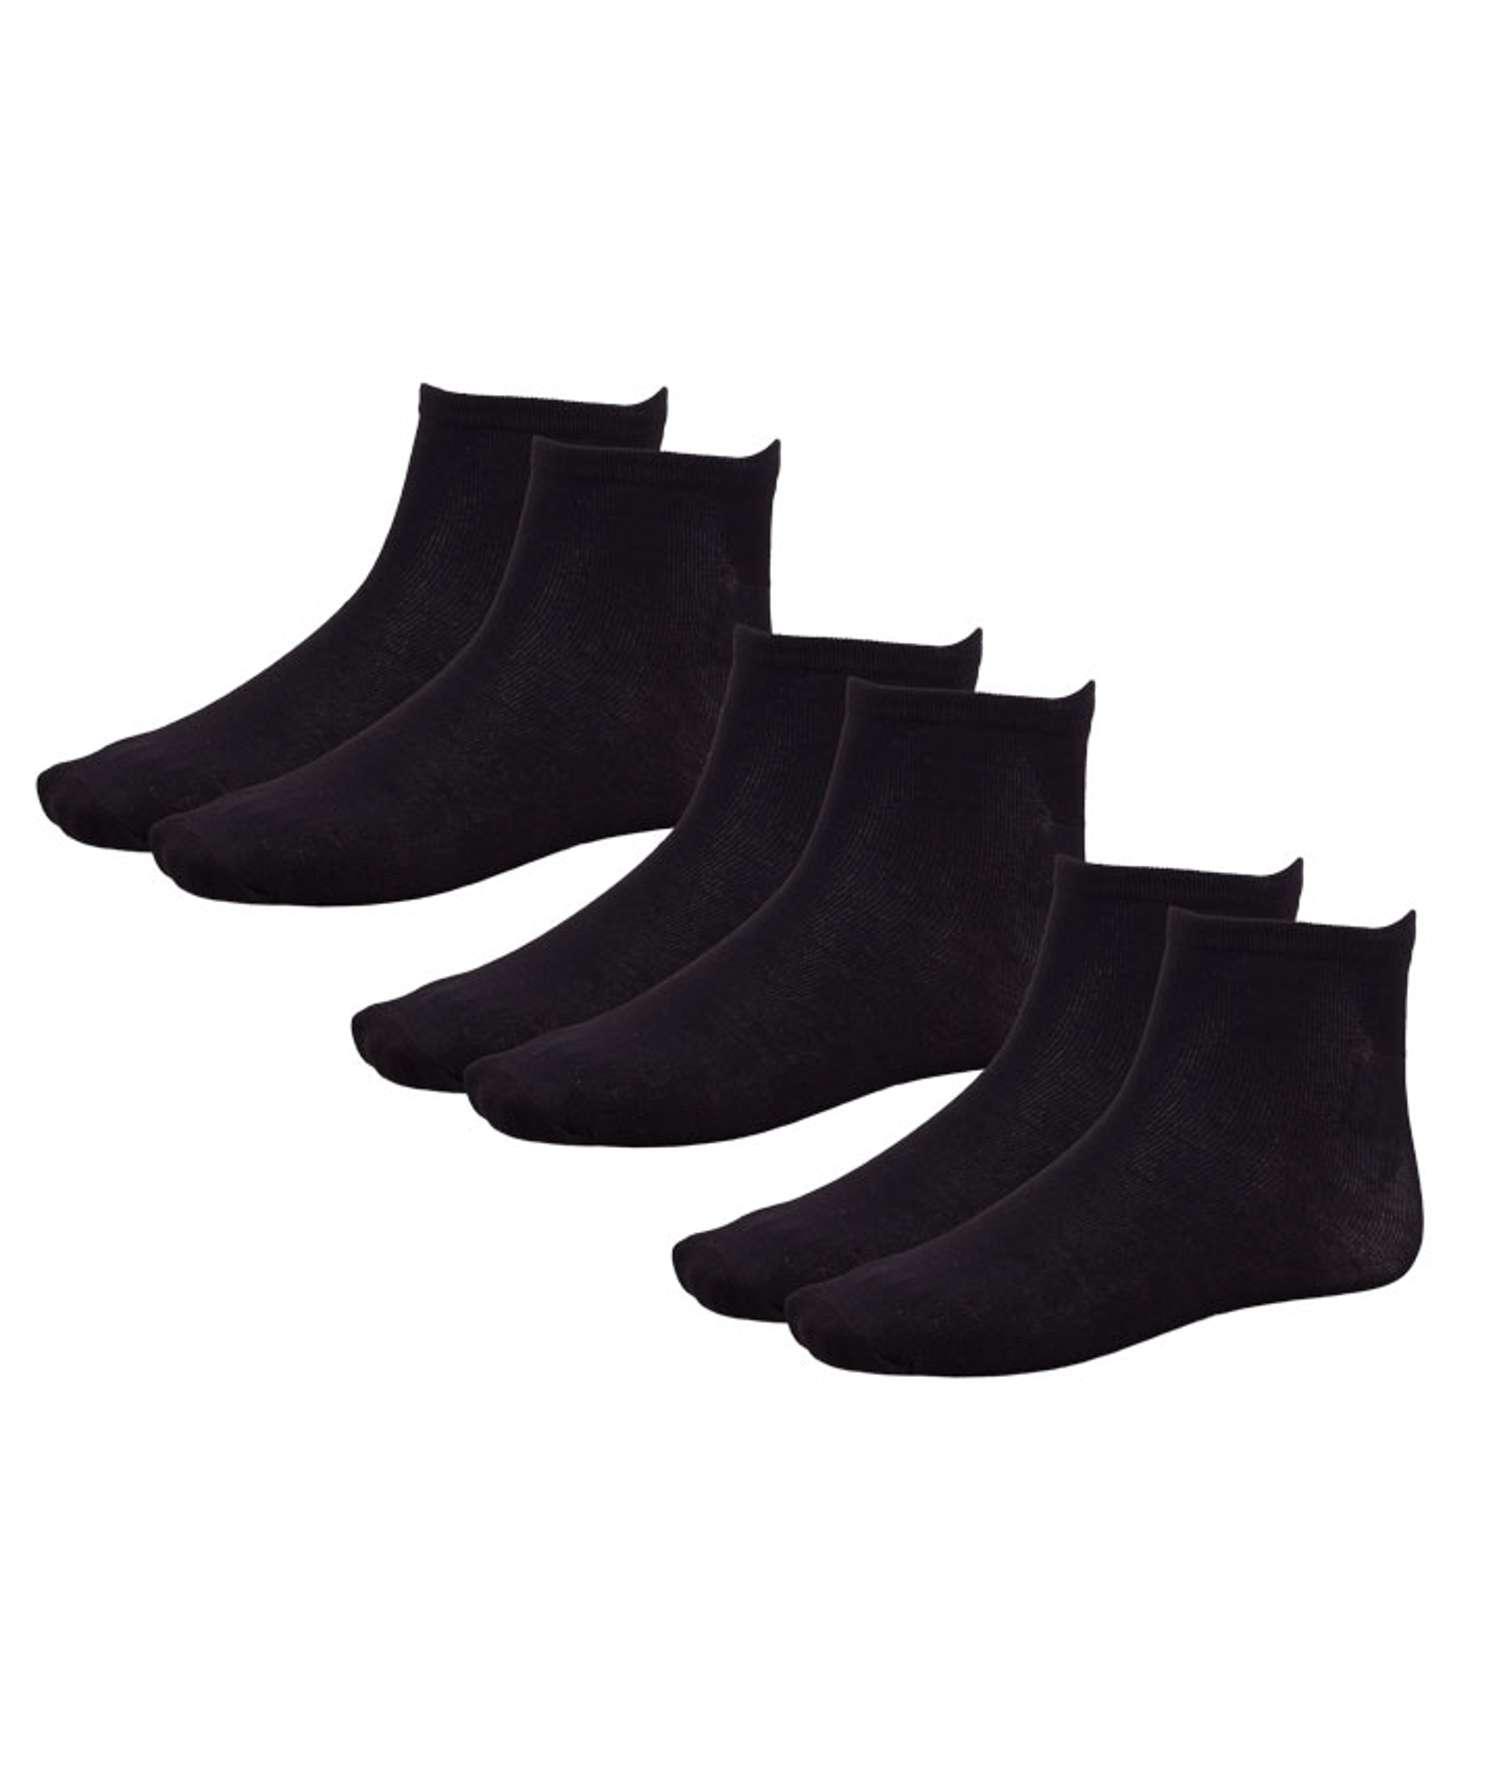 Kopenhaken - Berk herre bambus sokker - Sort - Størrelse 35/38